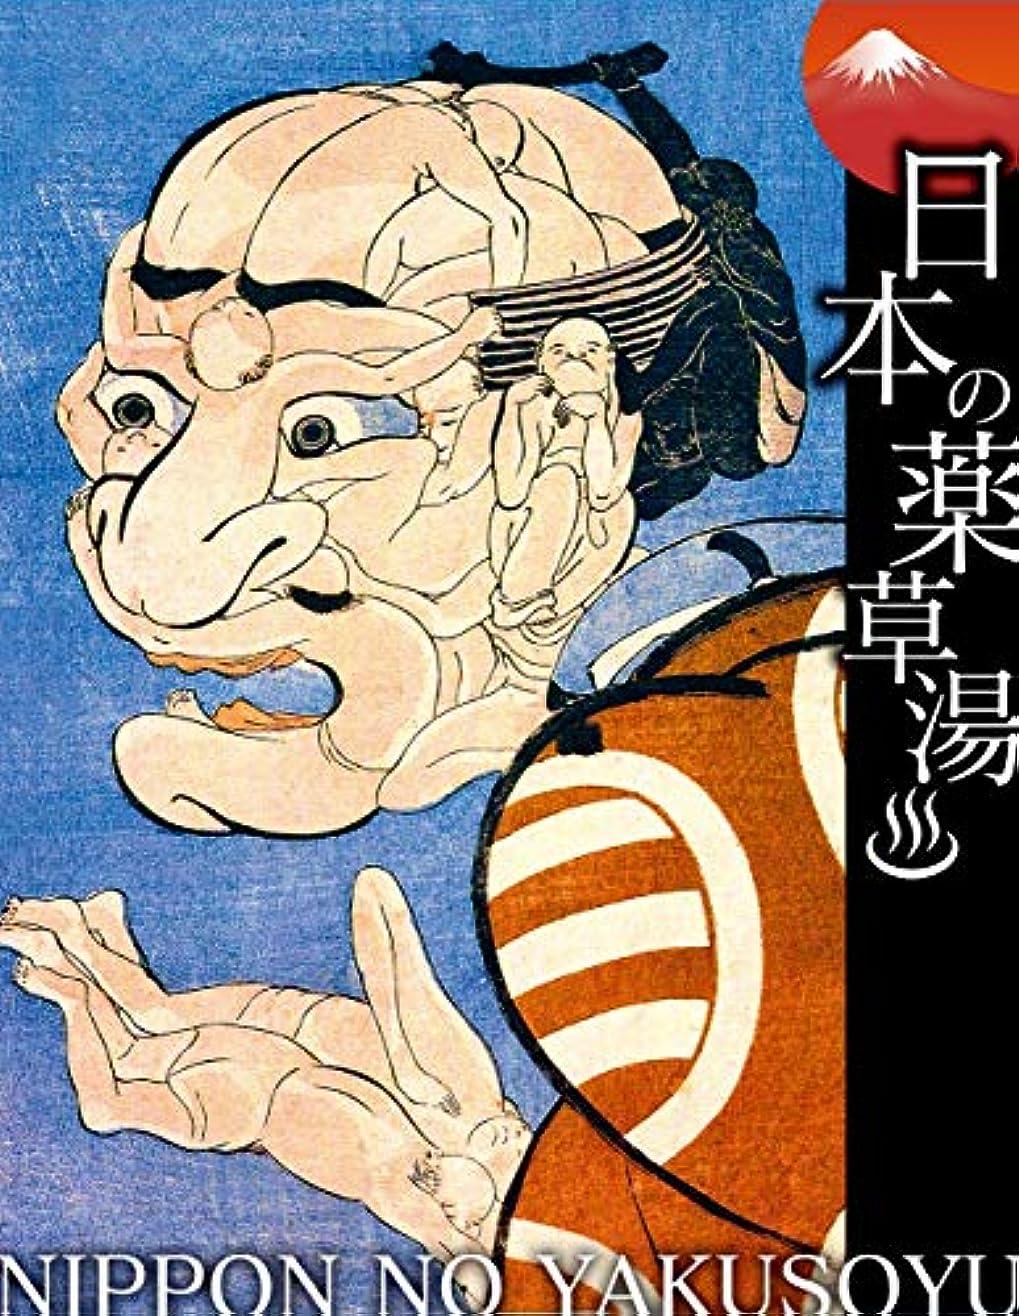 提案する元気な私たち自身日本の薬草湯 みかけハこハゐがとんだいゝ人だ